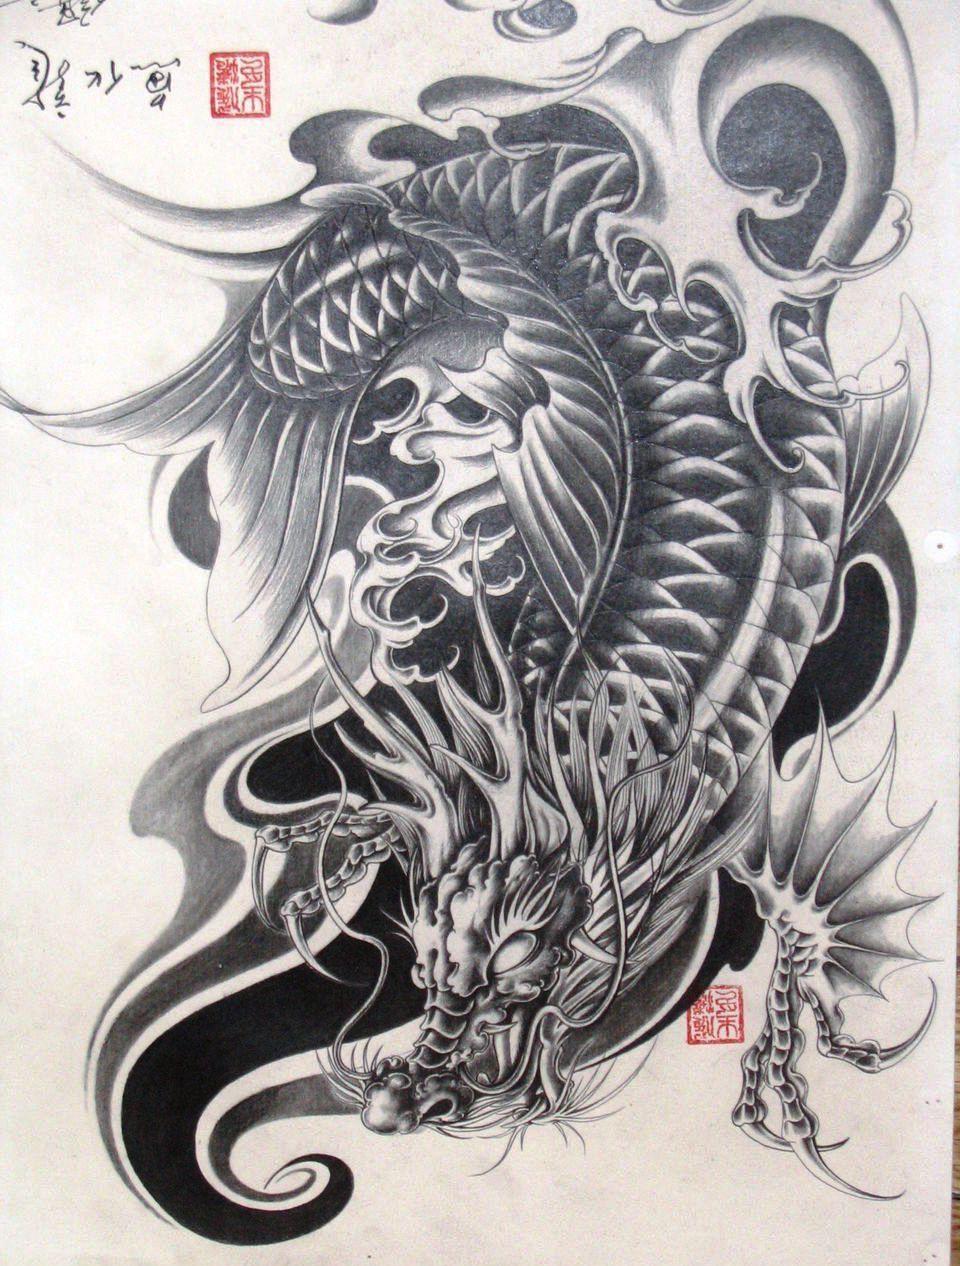 Dragon koi pinteres for Koi dragon meaning